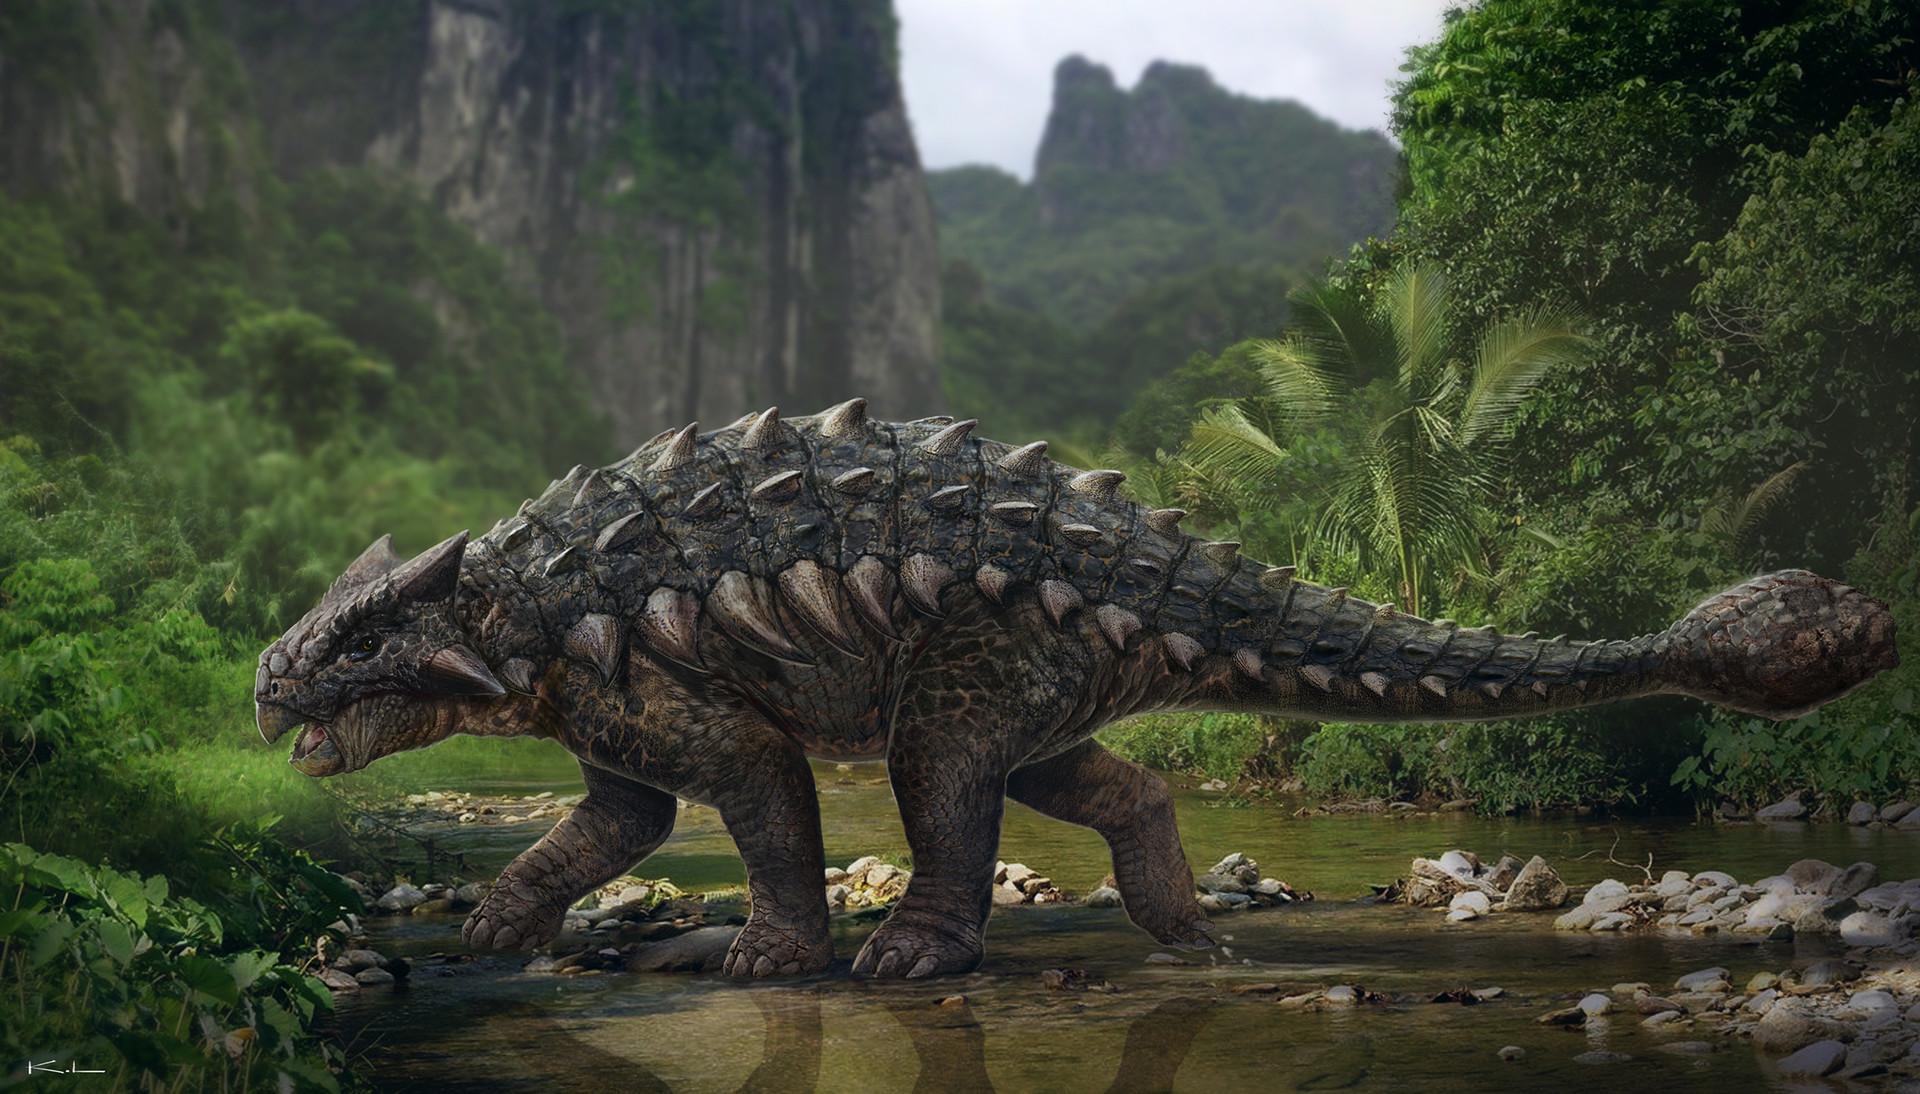 Ankylosaurus - facts about ankylosaurus, an armored dinosaur Ankylosaurus facts and pictures